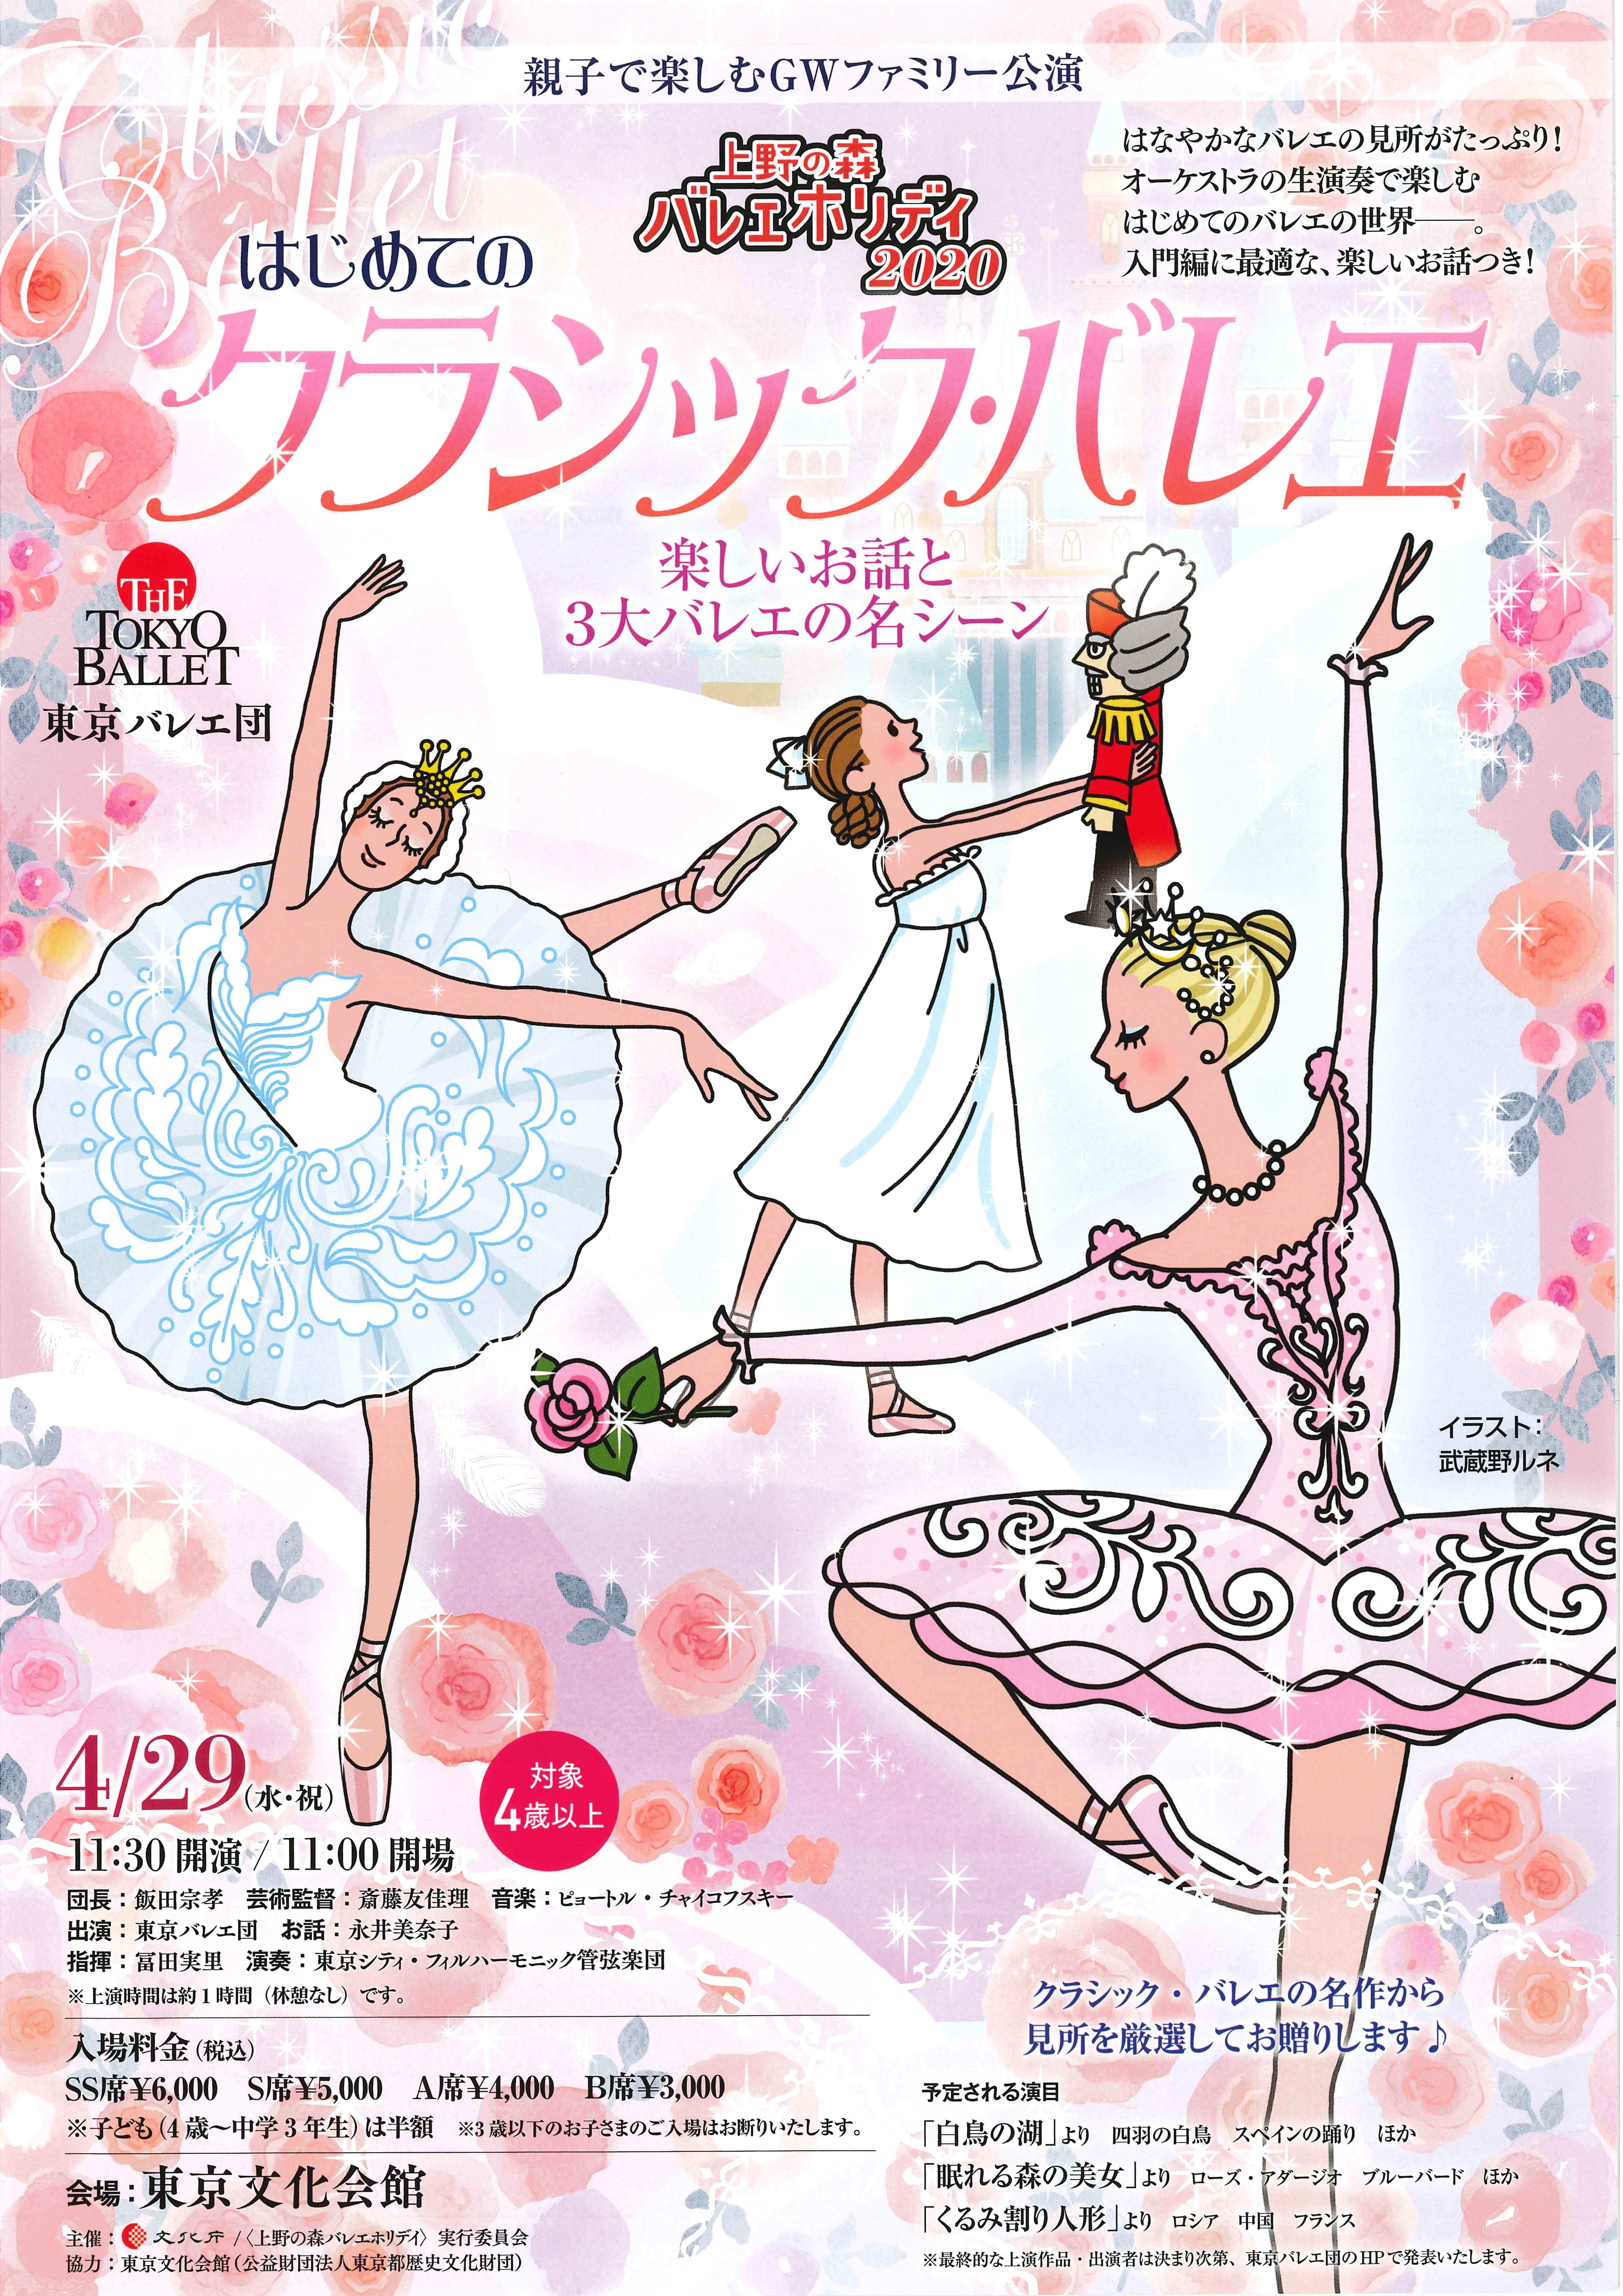 上野の森 バレエホリデイ2020 「はじめてのクラシック・バレエ」 チラシ画像